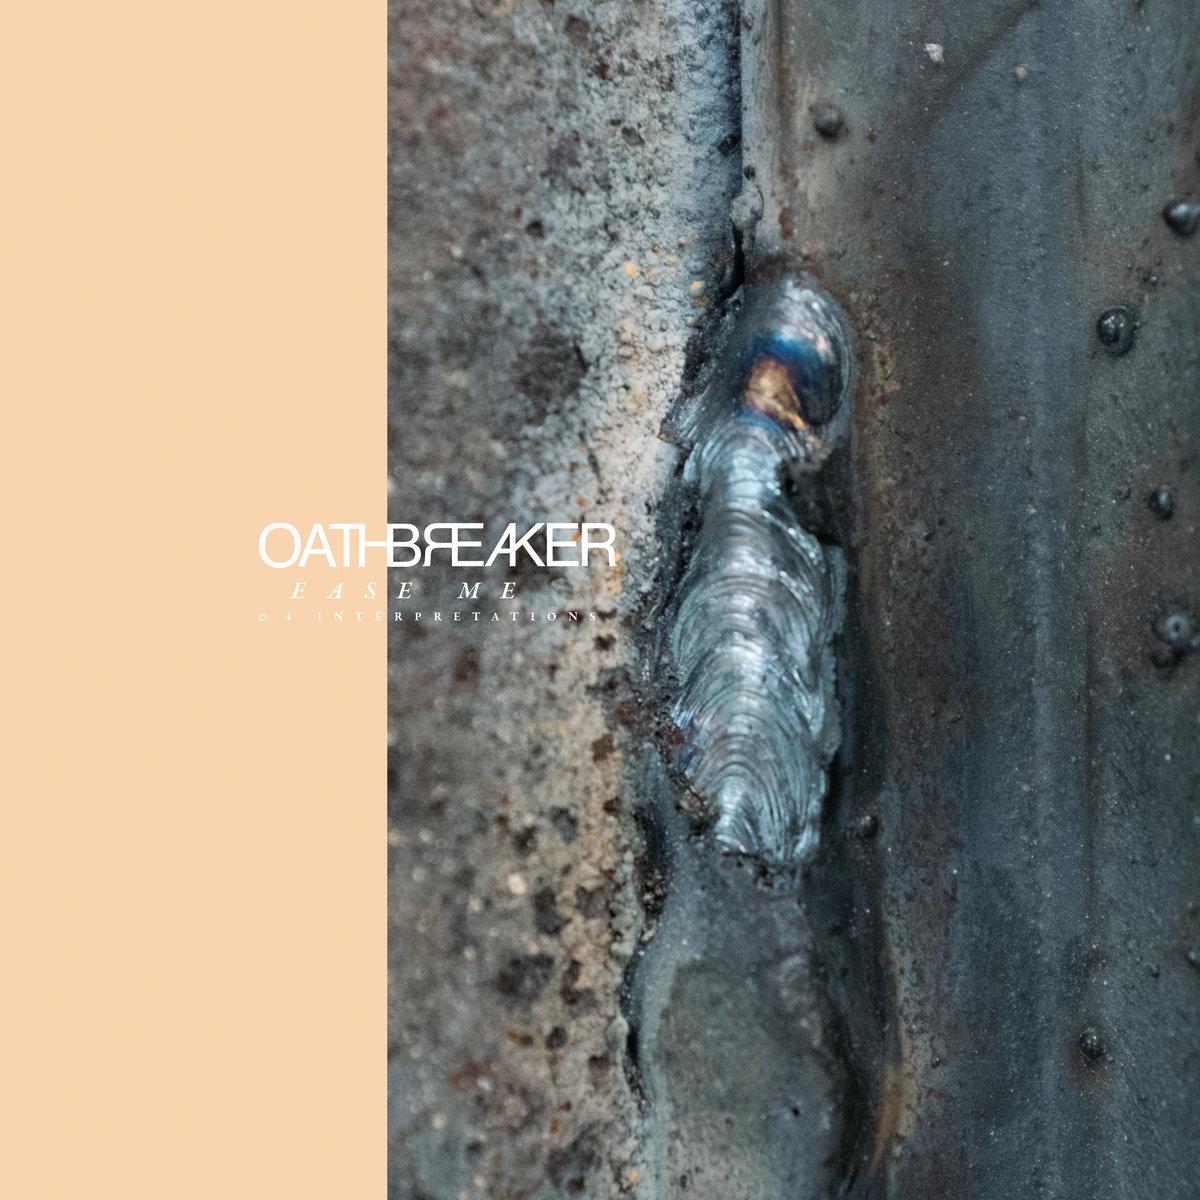 Oathbreaker - Ease Me & 4 Interpretations 12